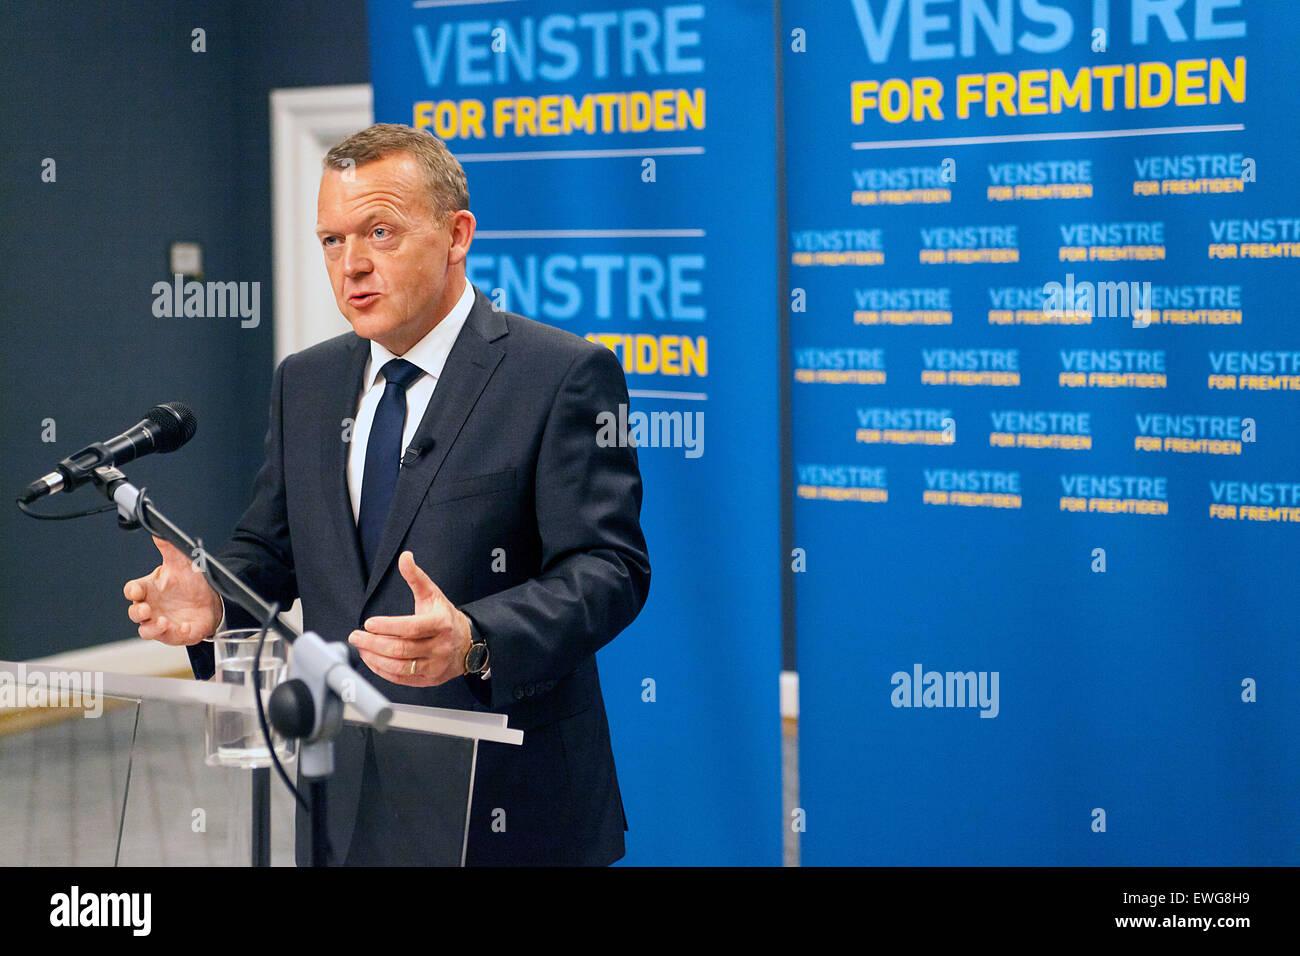 Copenhagen, Denmark, June 17th, 2015: Danish opposition leader, Lars Loekke Rasmussen (Venstre, read: The Liberal's) Stock Photo